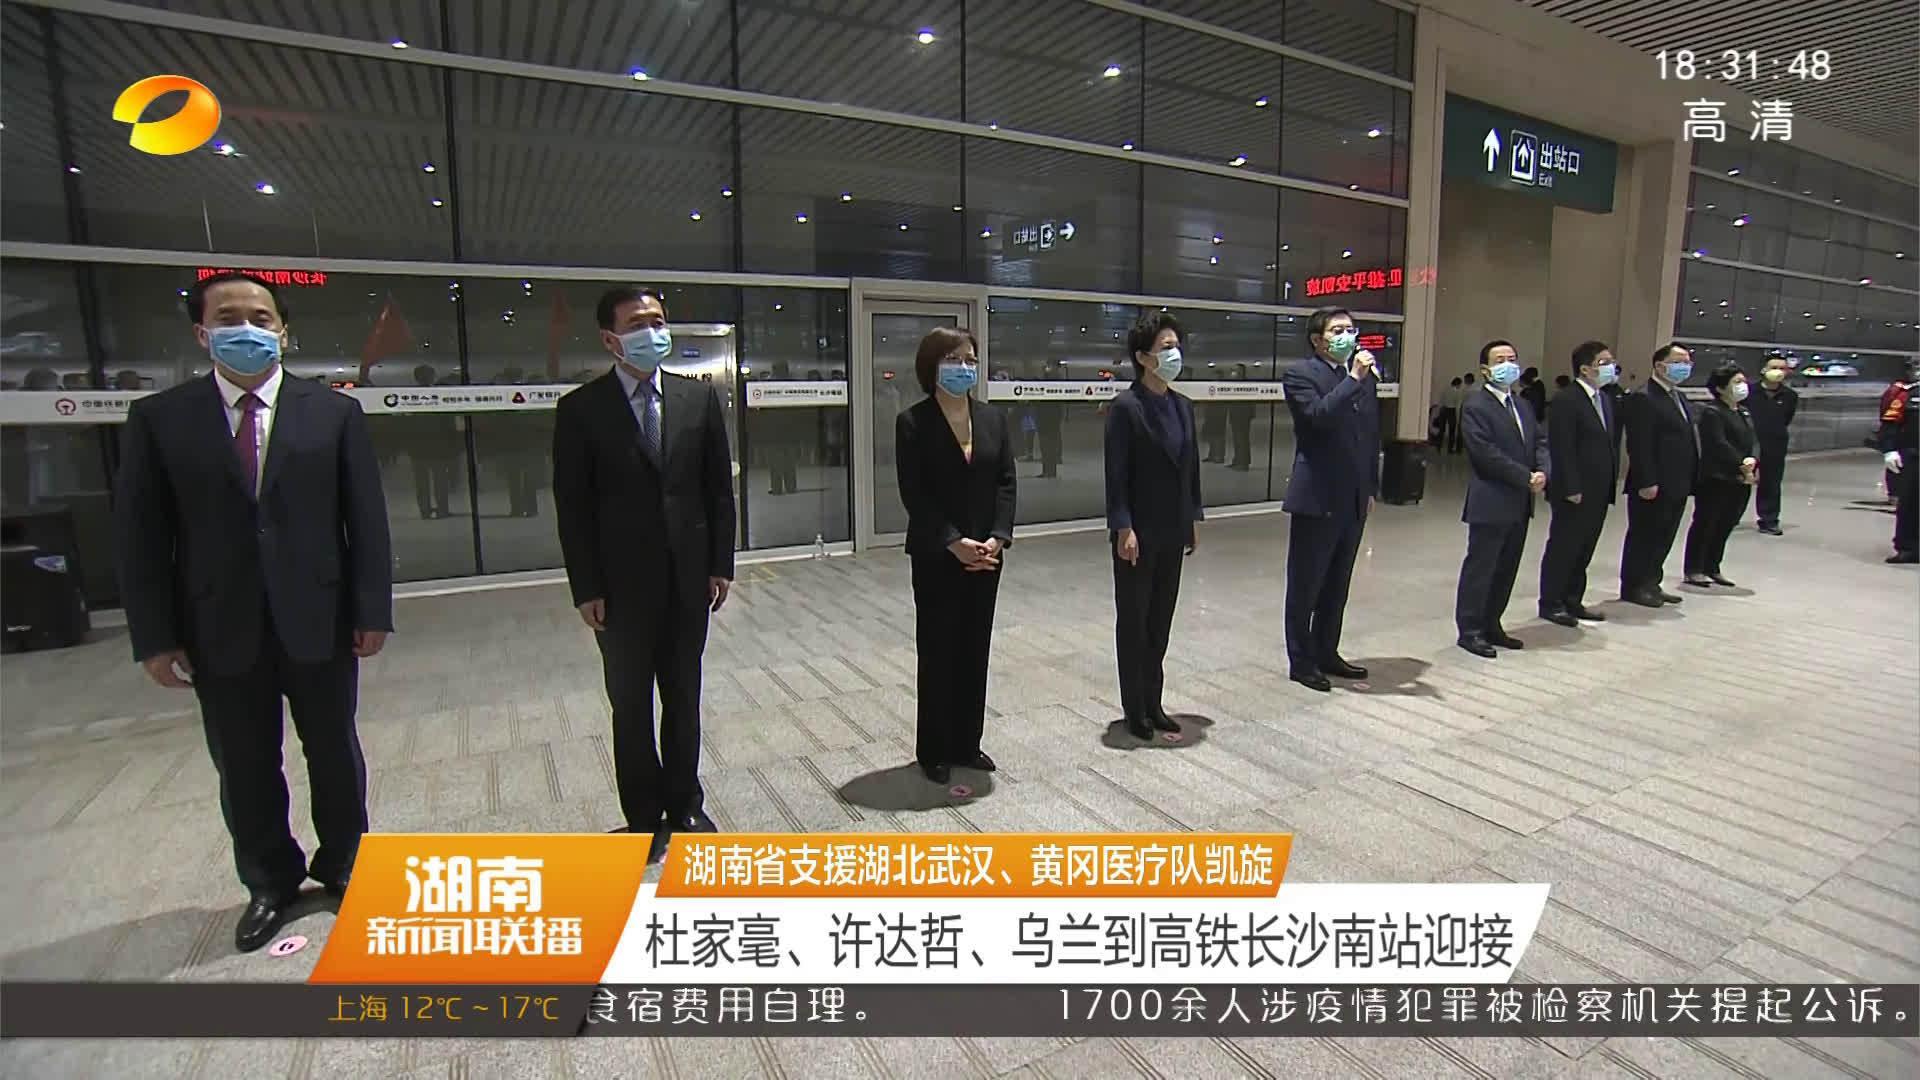 湖南支援黄冈医疗队凯旋 杜家毫 许达哲 乌兰到高铁长沙南站迎接